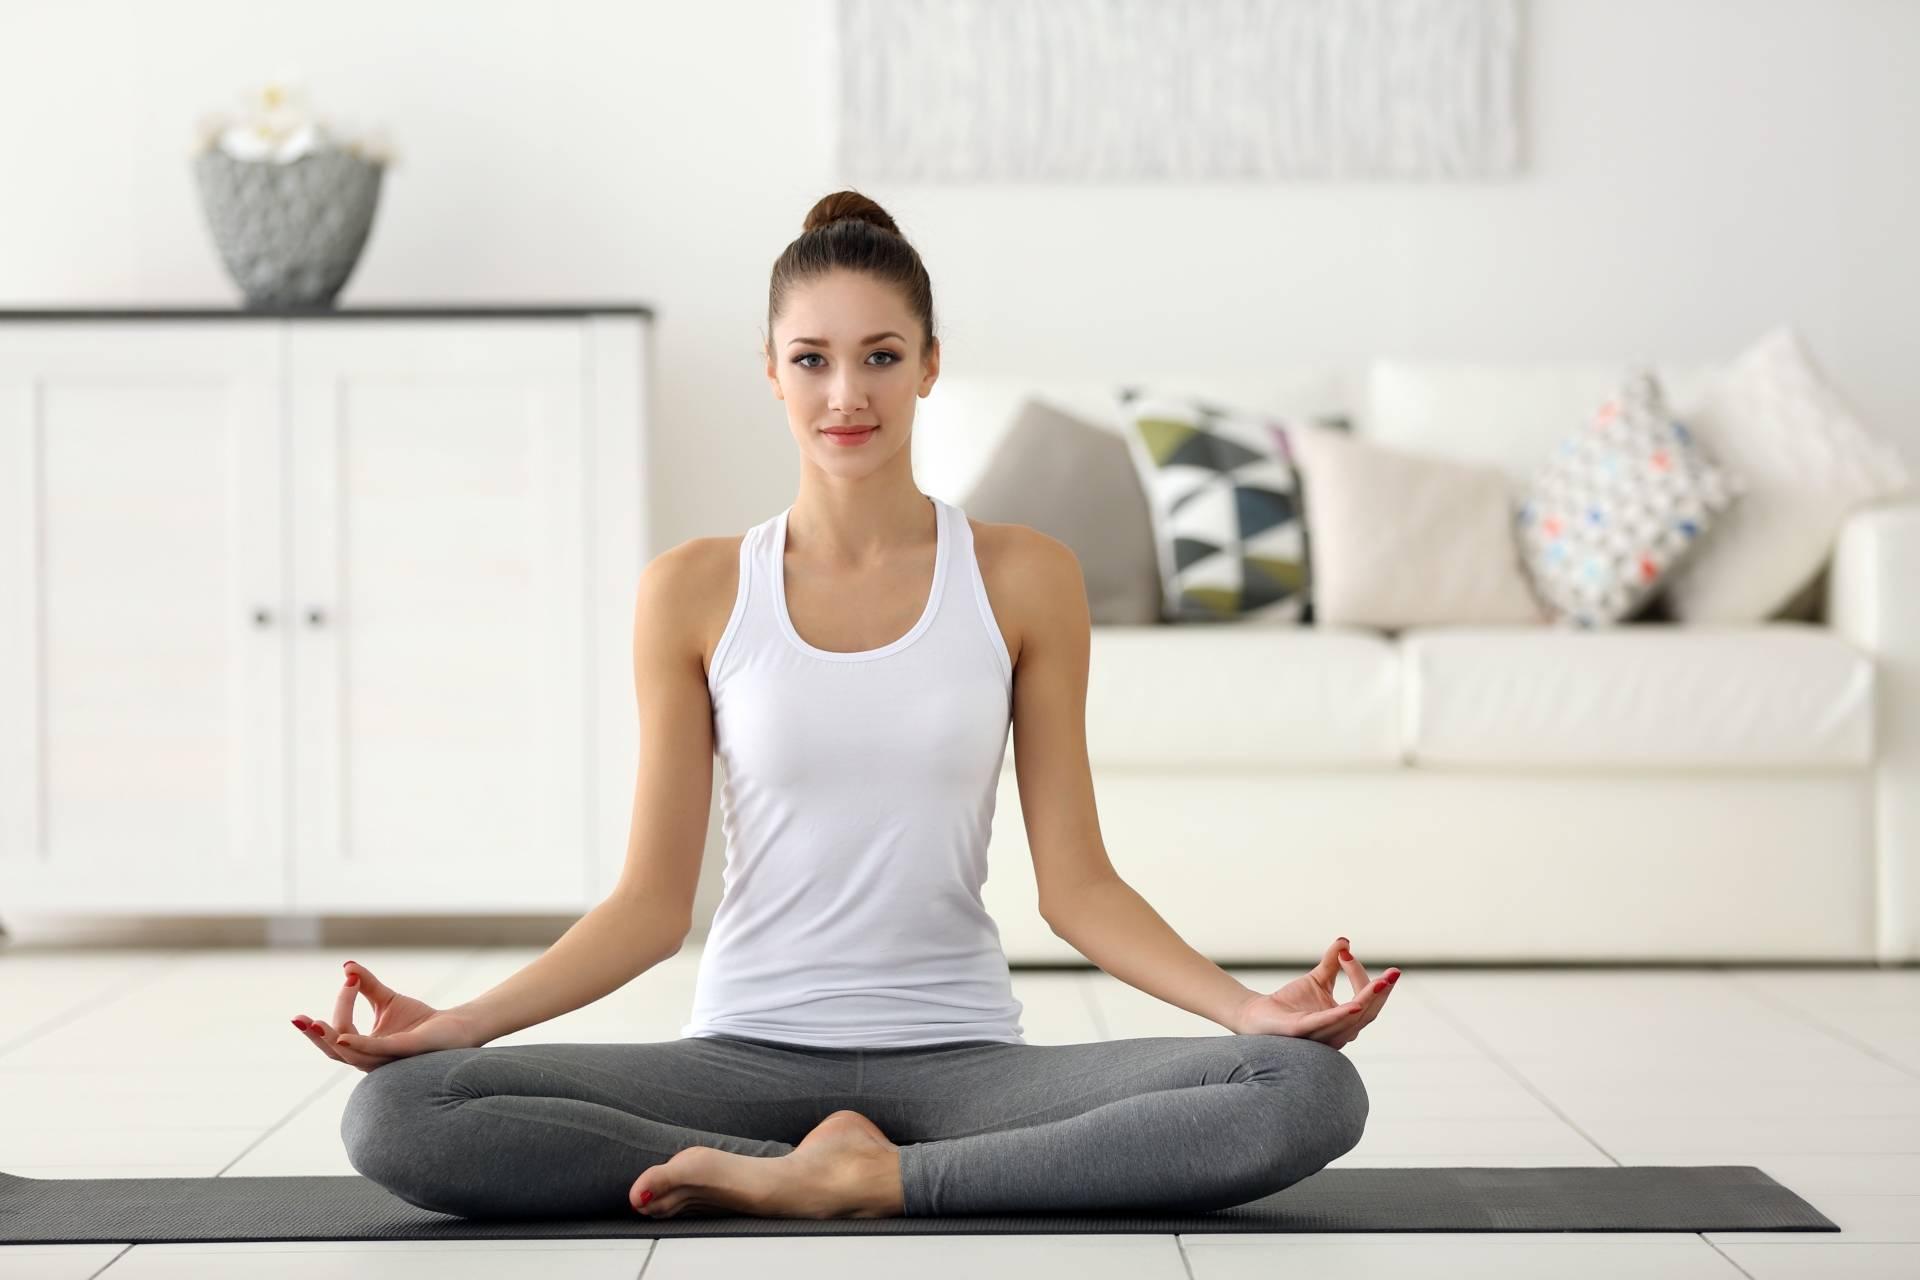 Jak medytować? Młoda kobieta w białym topie i szarych legginsach siedzi na macie w salonie i medytuje.